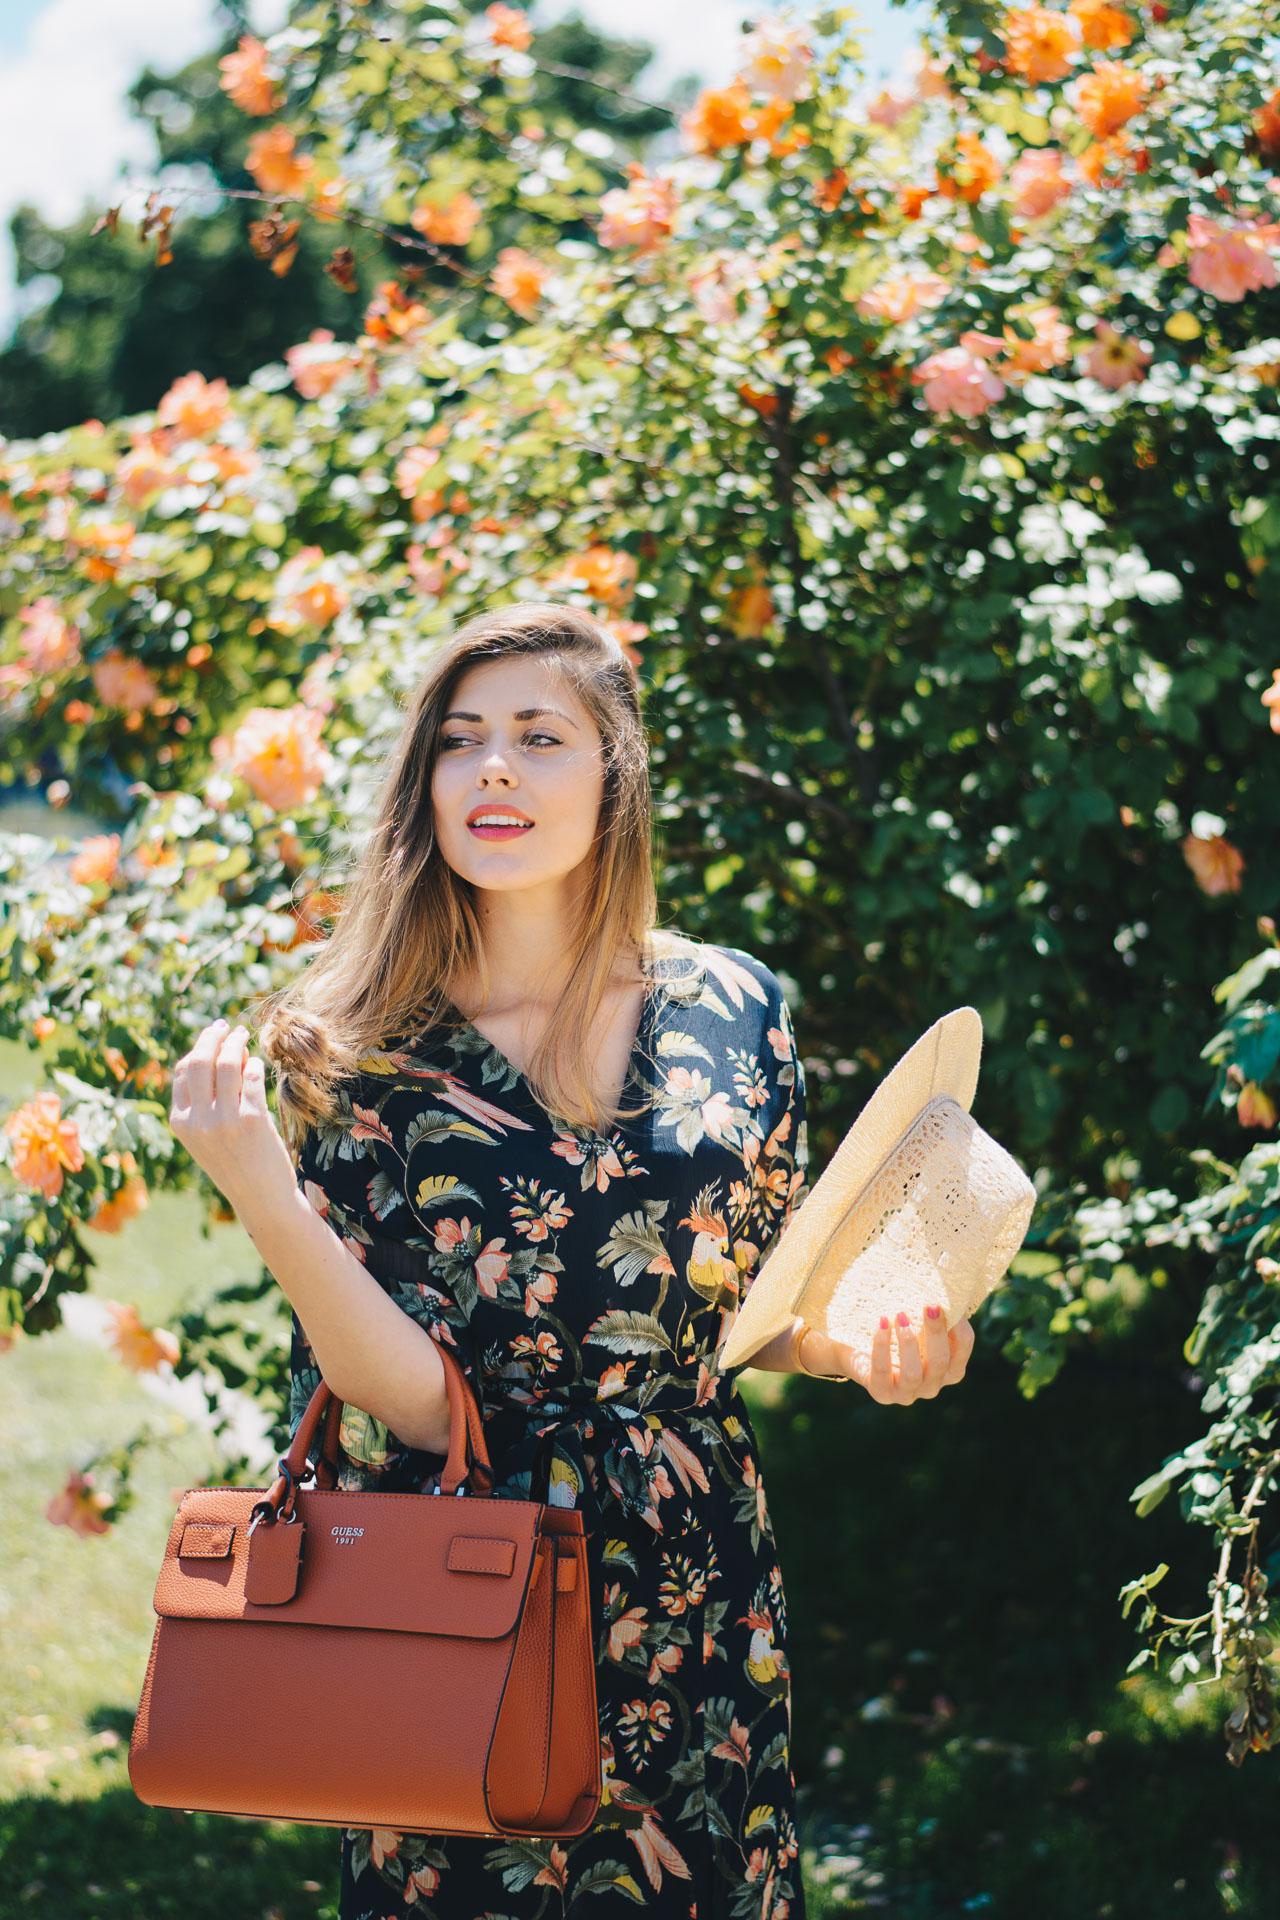 Bulgarian beautiful midi dress